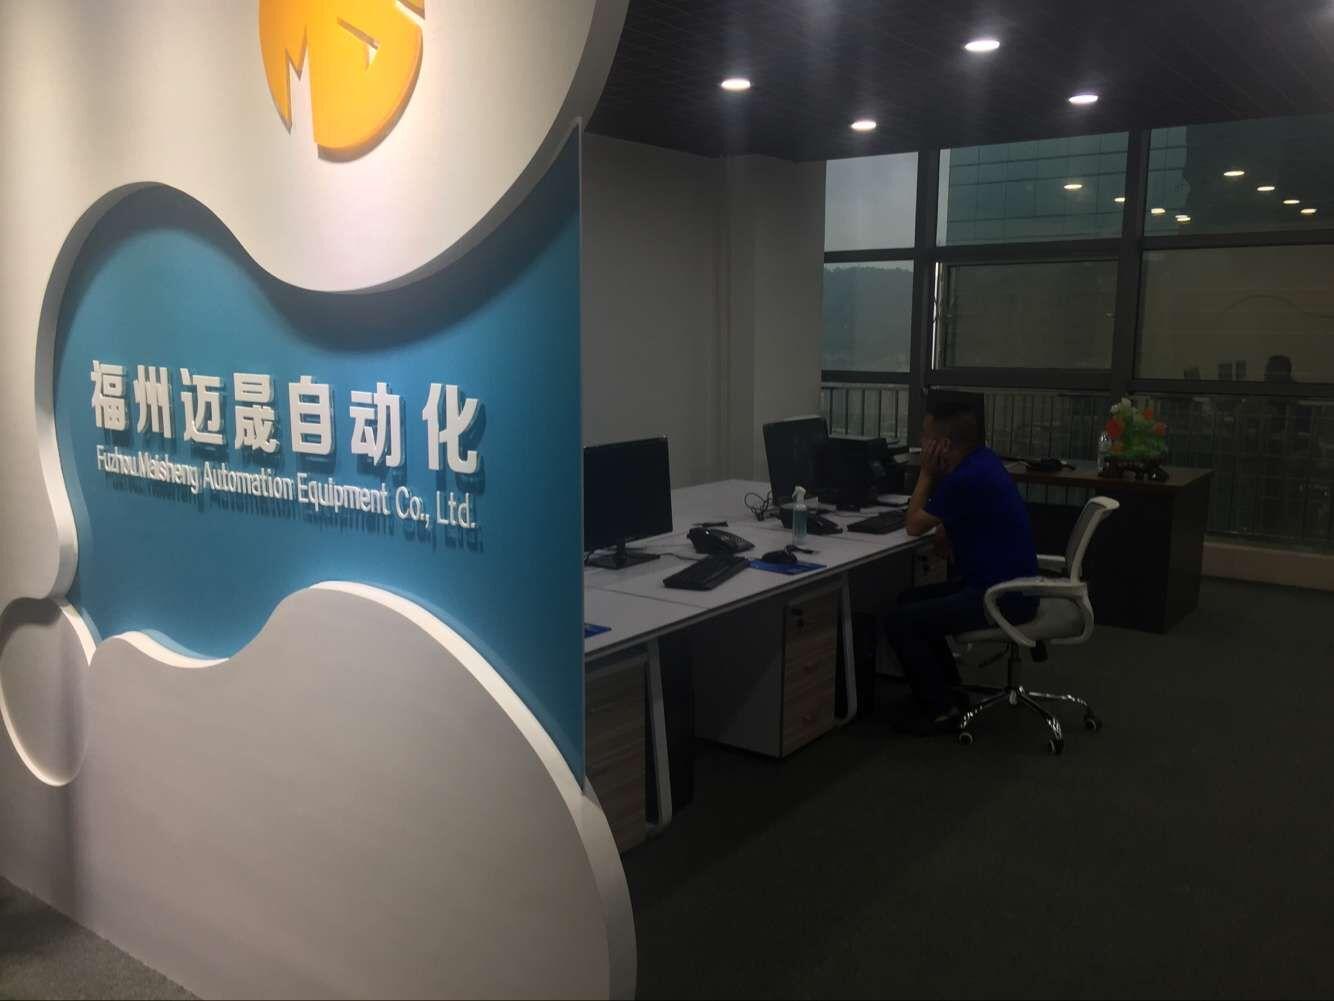 福州迈晟自动化设备有限公司